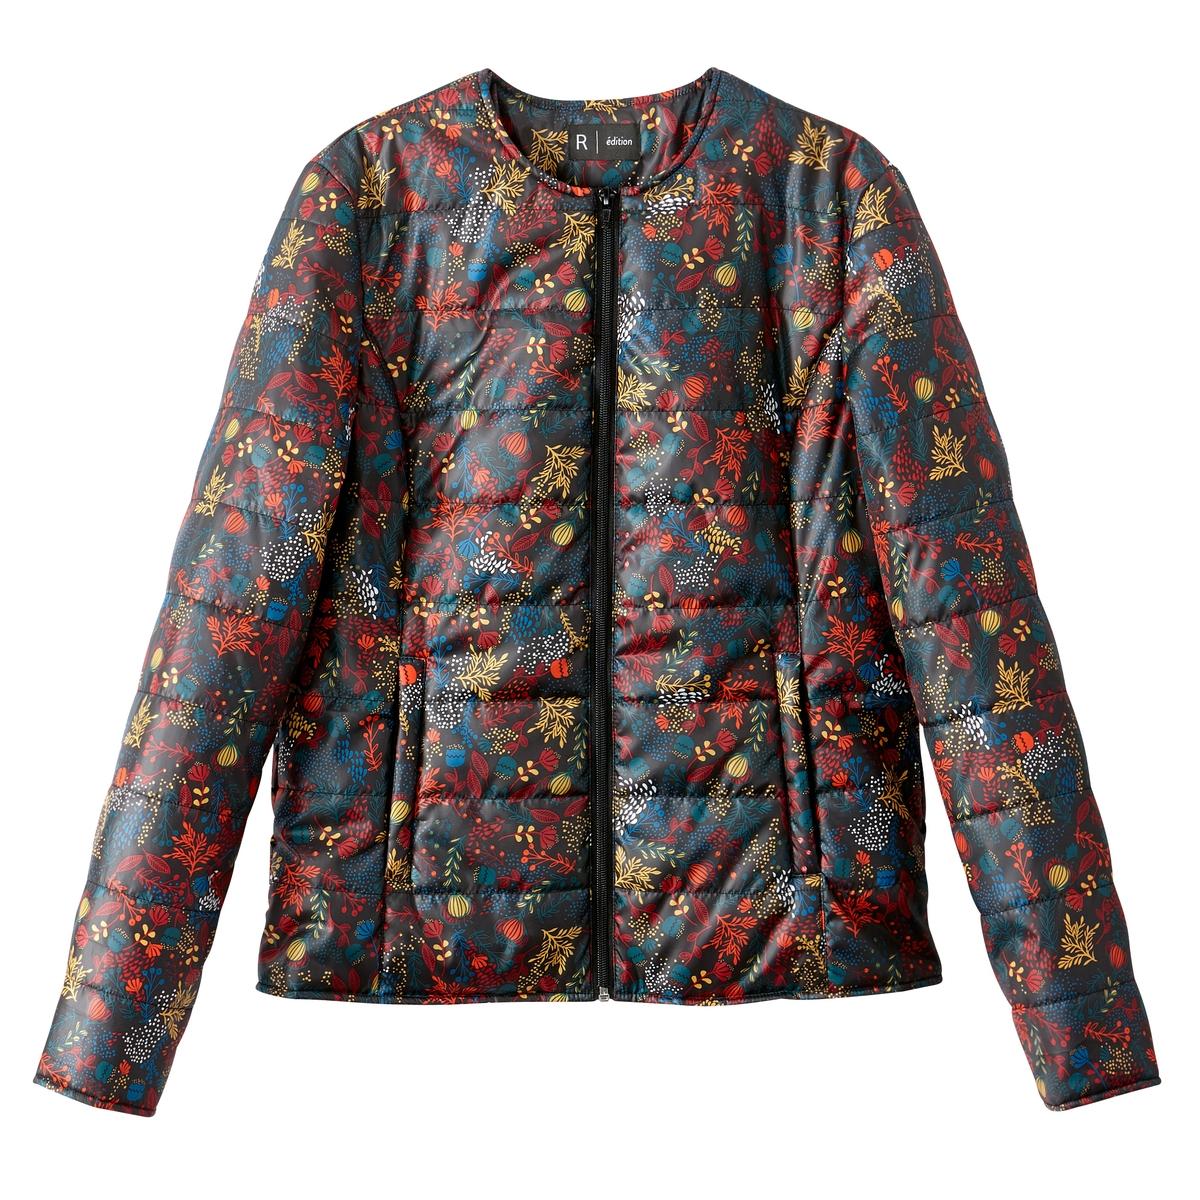 Куртка легкая с рисункомЛегкая короткая стеганая куртка со стильным принтом и модной расцветкой . Теплая и мягкая куртка актуальнв в этом сезоне .Детали •  Длина : укороченная •  Без воротника •  Рисунок-принт •  Застежка на молниюСостав и уход •  100% полиэстер •  Подкладка : 100% полиэстер •  Температура стирки при 30° на деликатном режиме   •  Сухая чистка и отбеливатели запрещены •  Не использовать барабанную сушку   •  Не гладить •  Длина : 62 см<br><br>Цвет: рисунок/фон черный<br>Размер: 52 (FR) - 58 (RUS).42 (FR) - 48 (RUS).40 (FR) - 46 (RUS).38 (FR) - 44 (RUS).36 (FR) - 42 (RUS).50 (FR) - 56 (RUS)